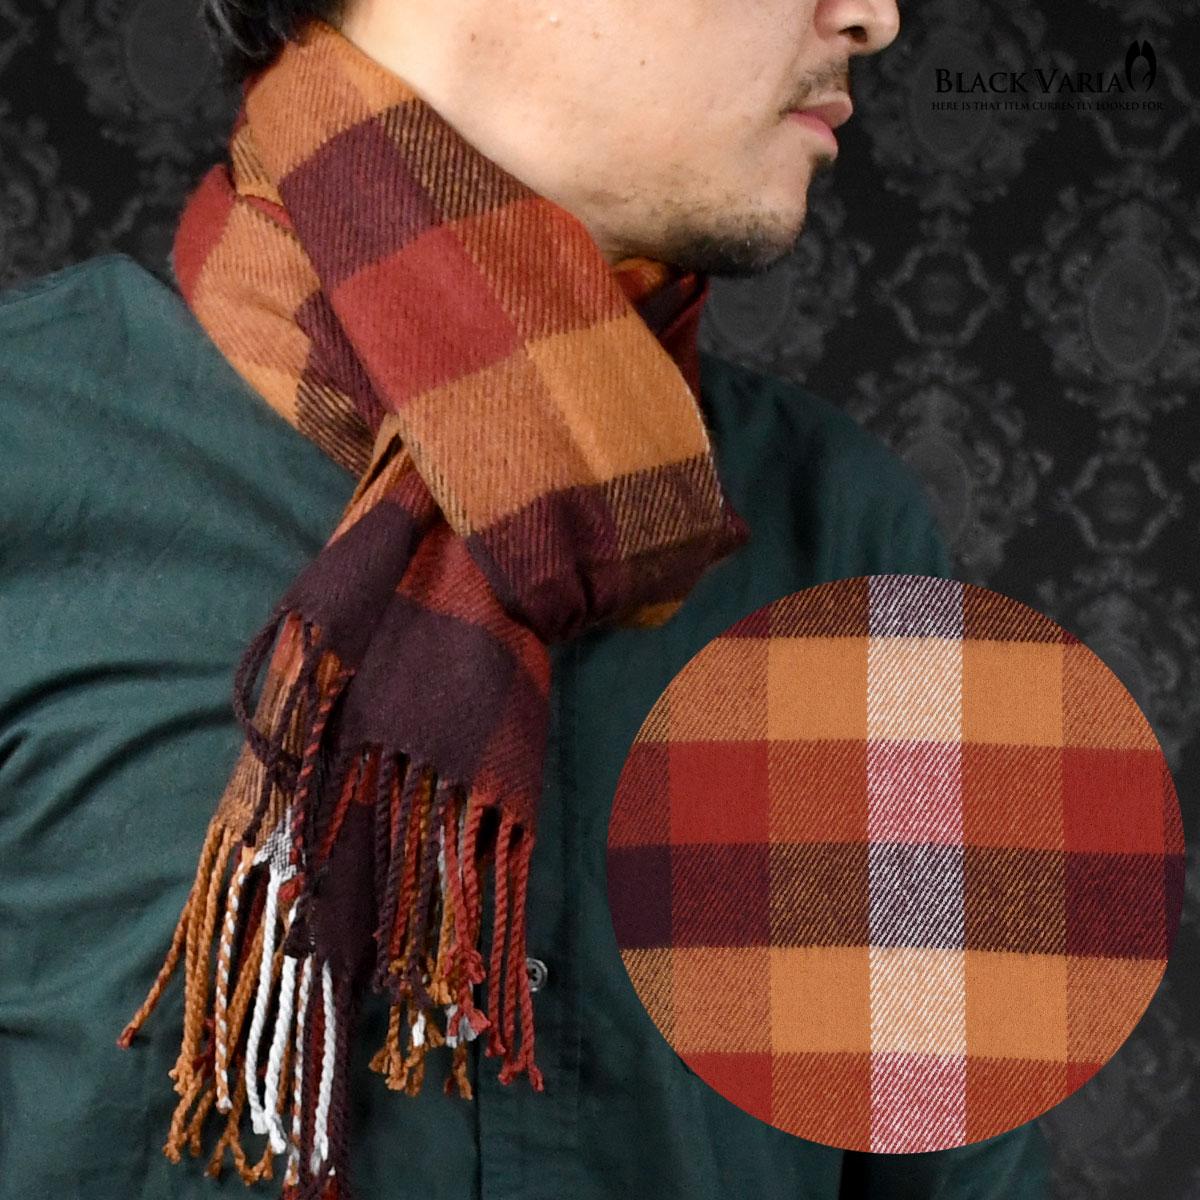 マフラー チェック柄 メンズ ビジネス アクリル ニット 日本製 チェックマフラー mens(レッド赤ブロックチェック)